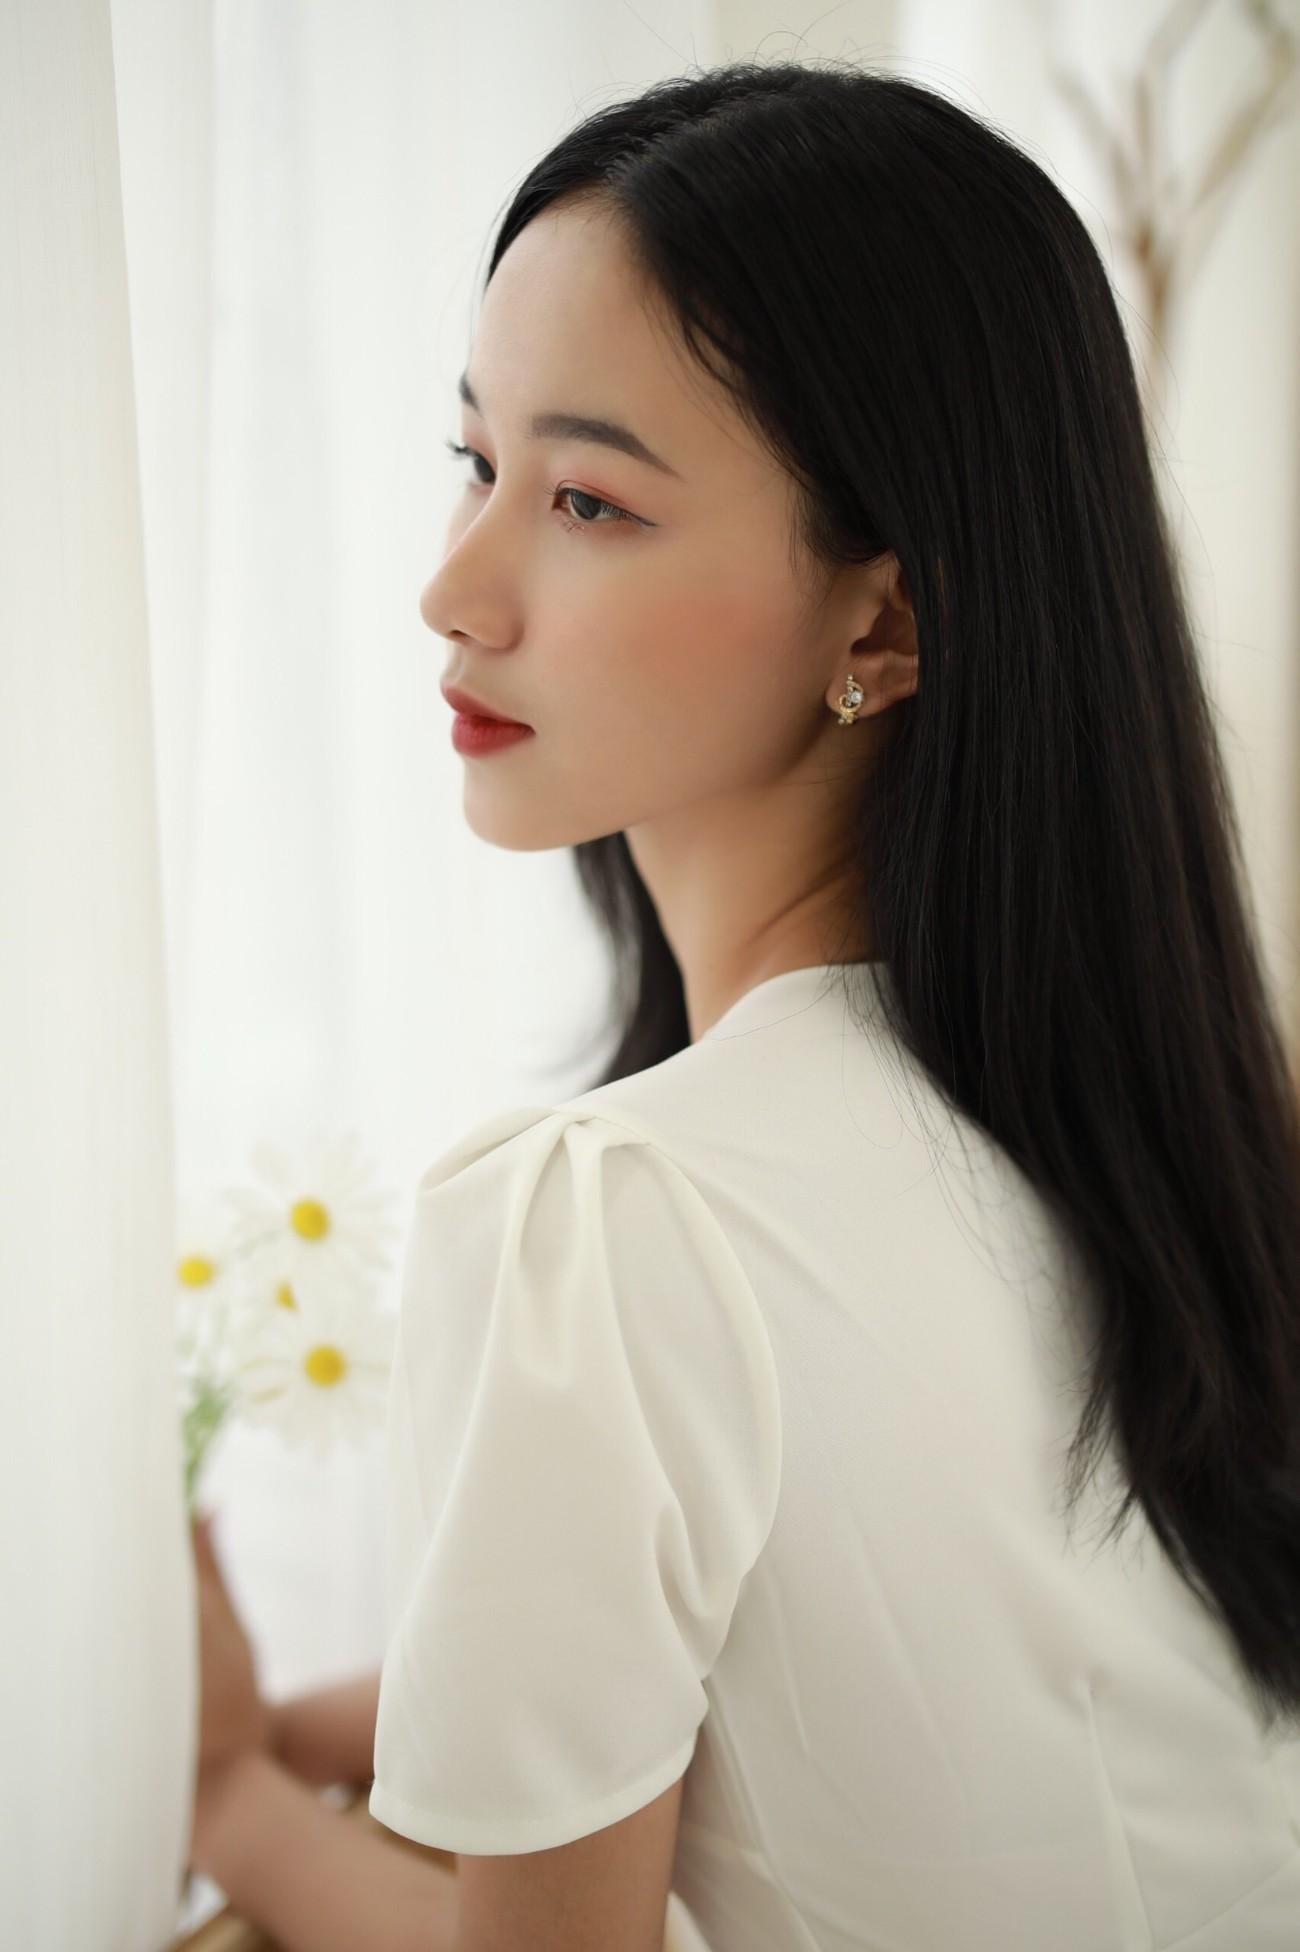 Người đẹp Cẩm Đan kiêu kỳ, Minh Anh xinh đẹp tựa nữ thần ảnh 19